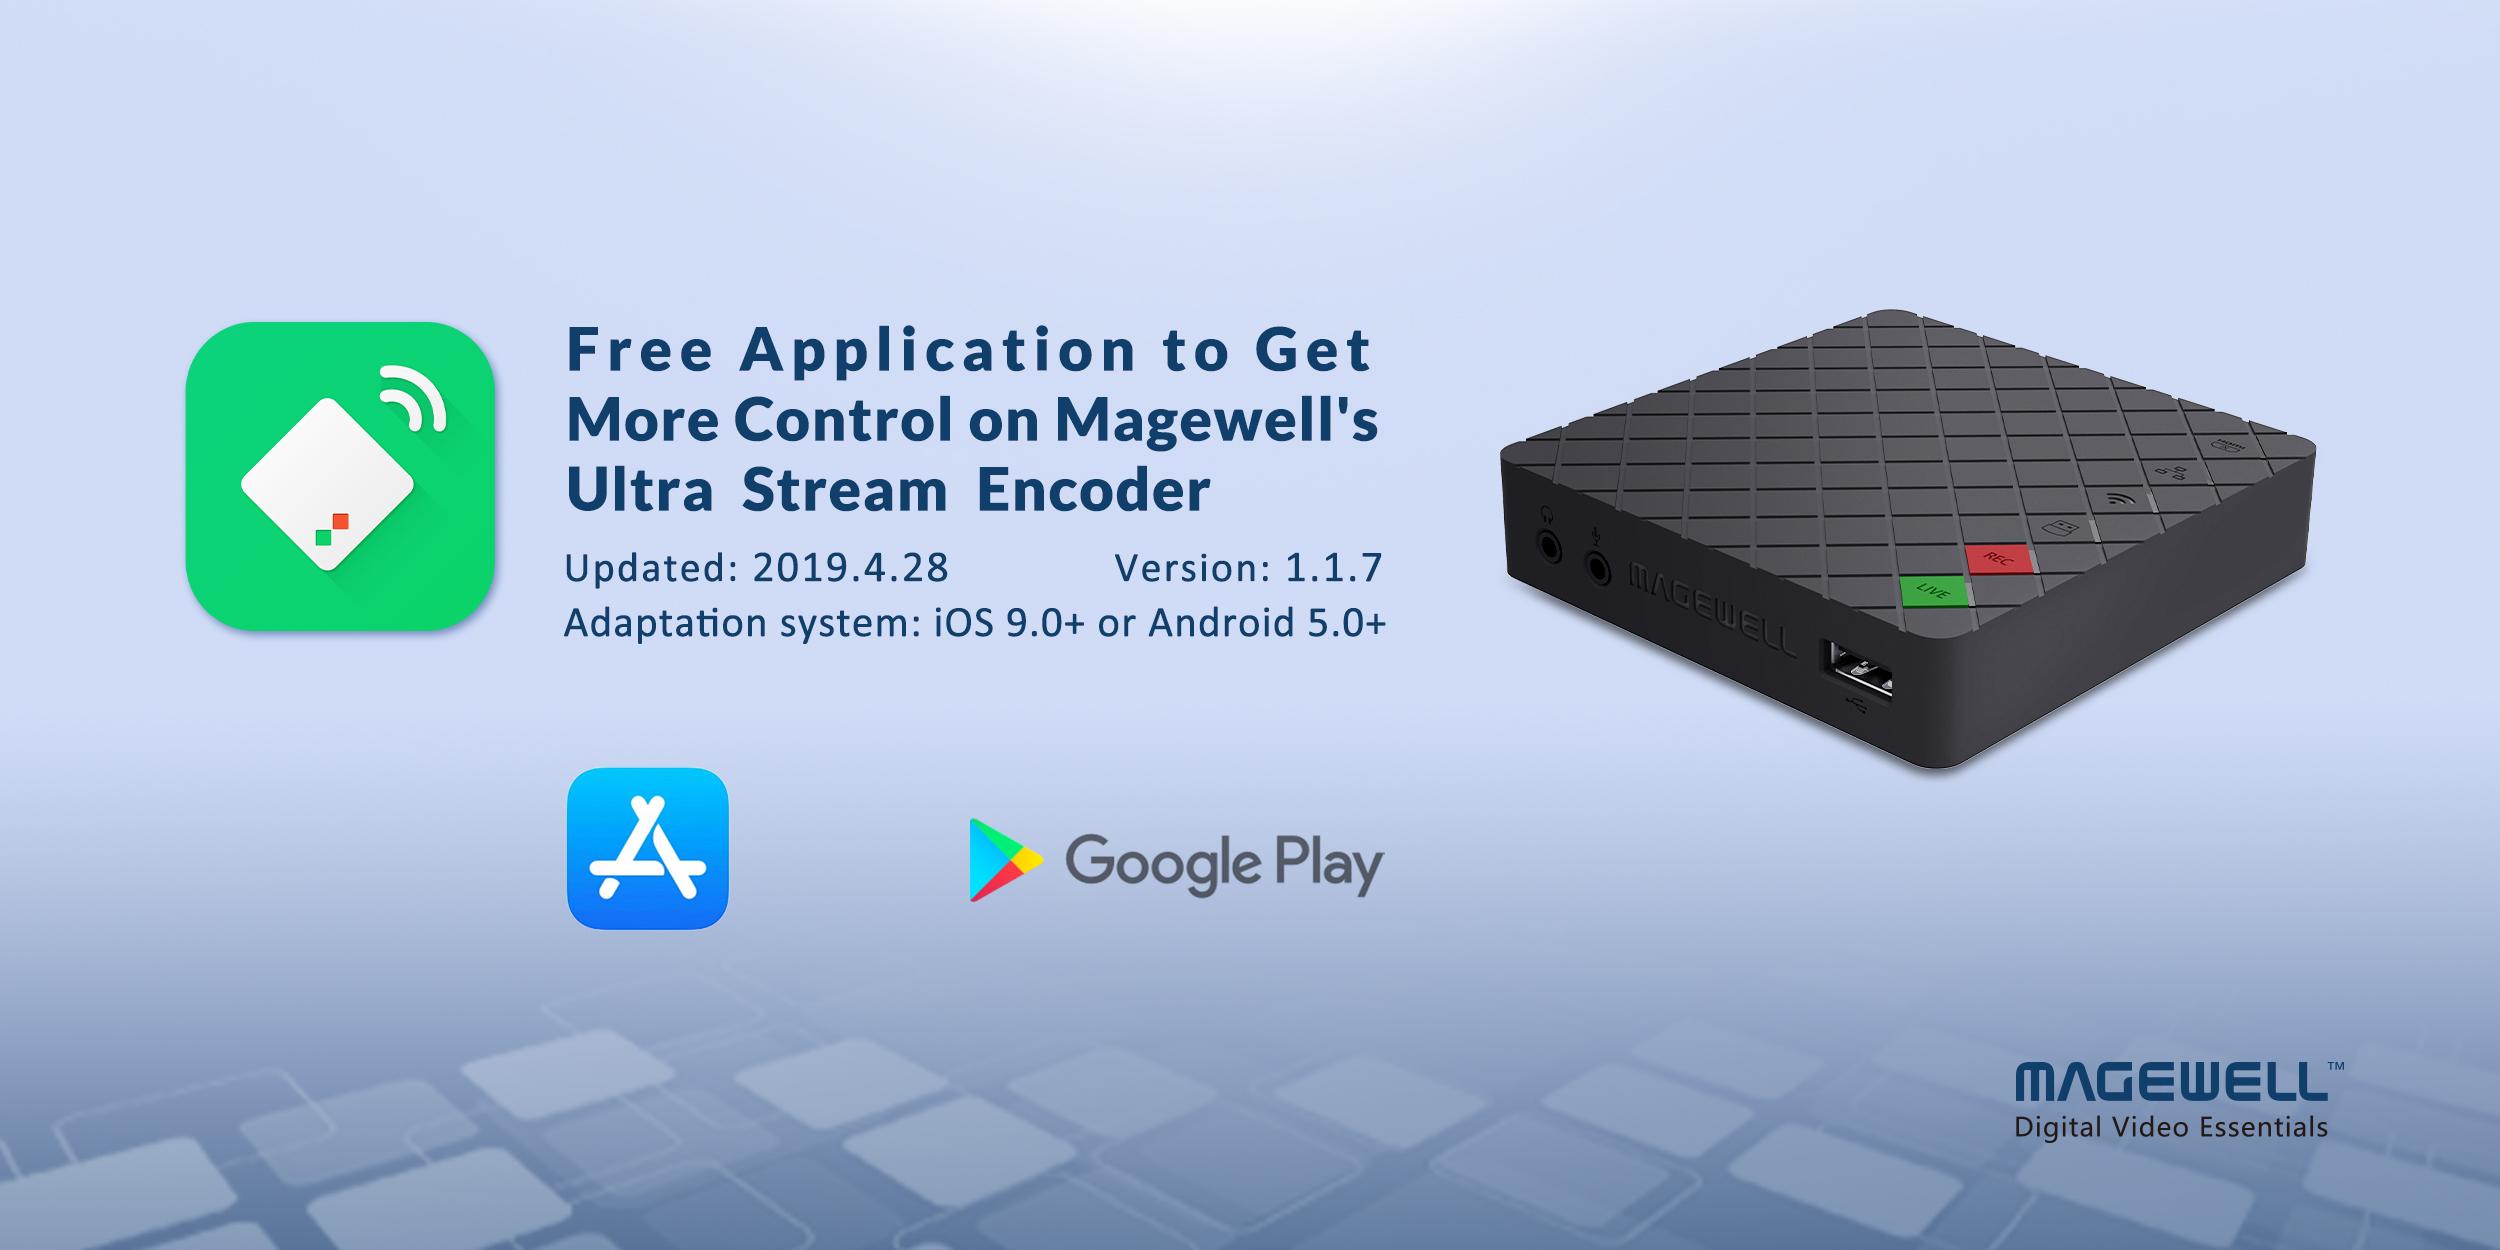 Magewell_ULTRA_STREAM_Firmware-Update-1-1-7_Banner